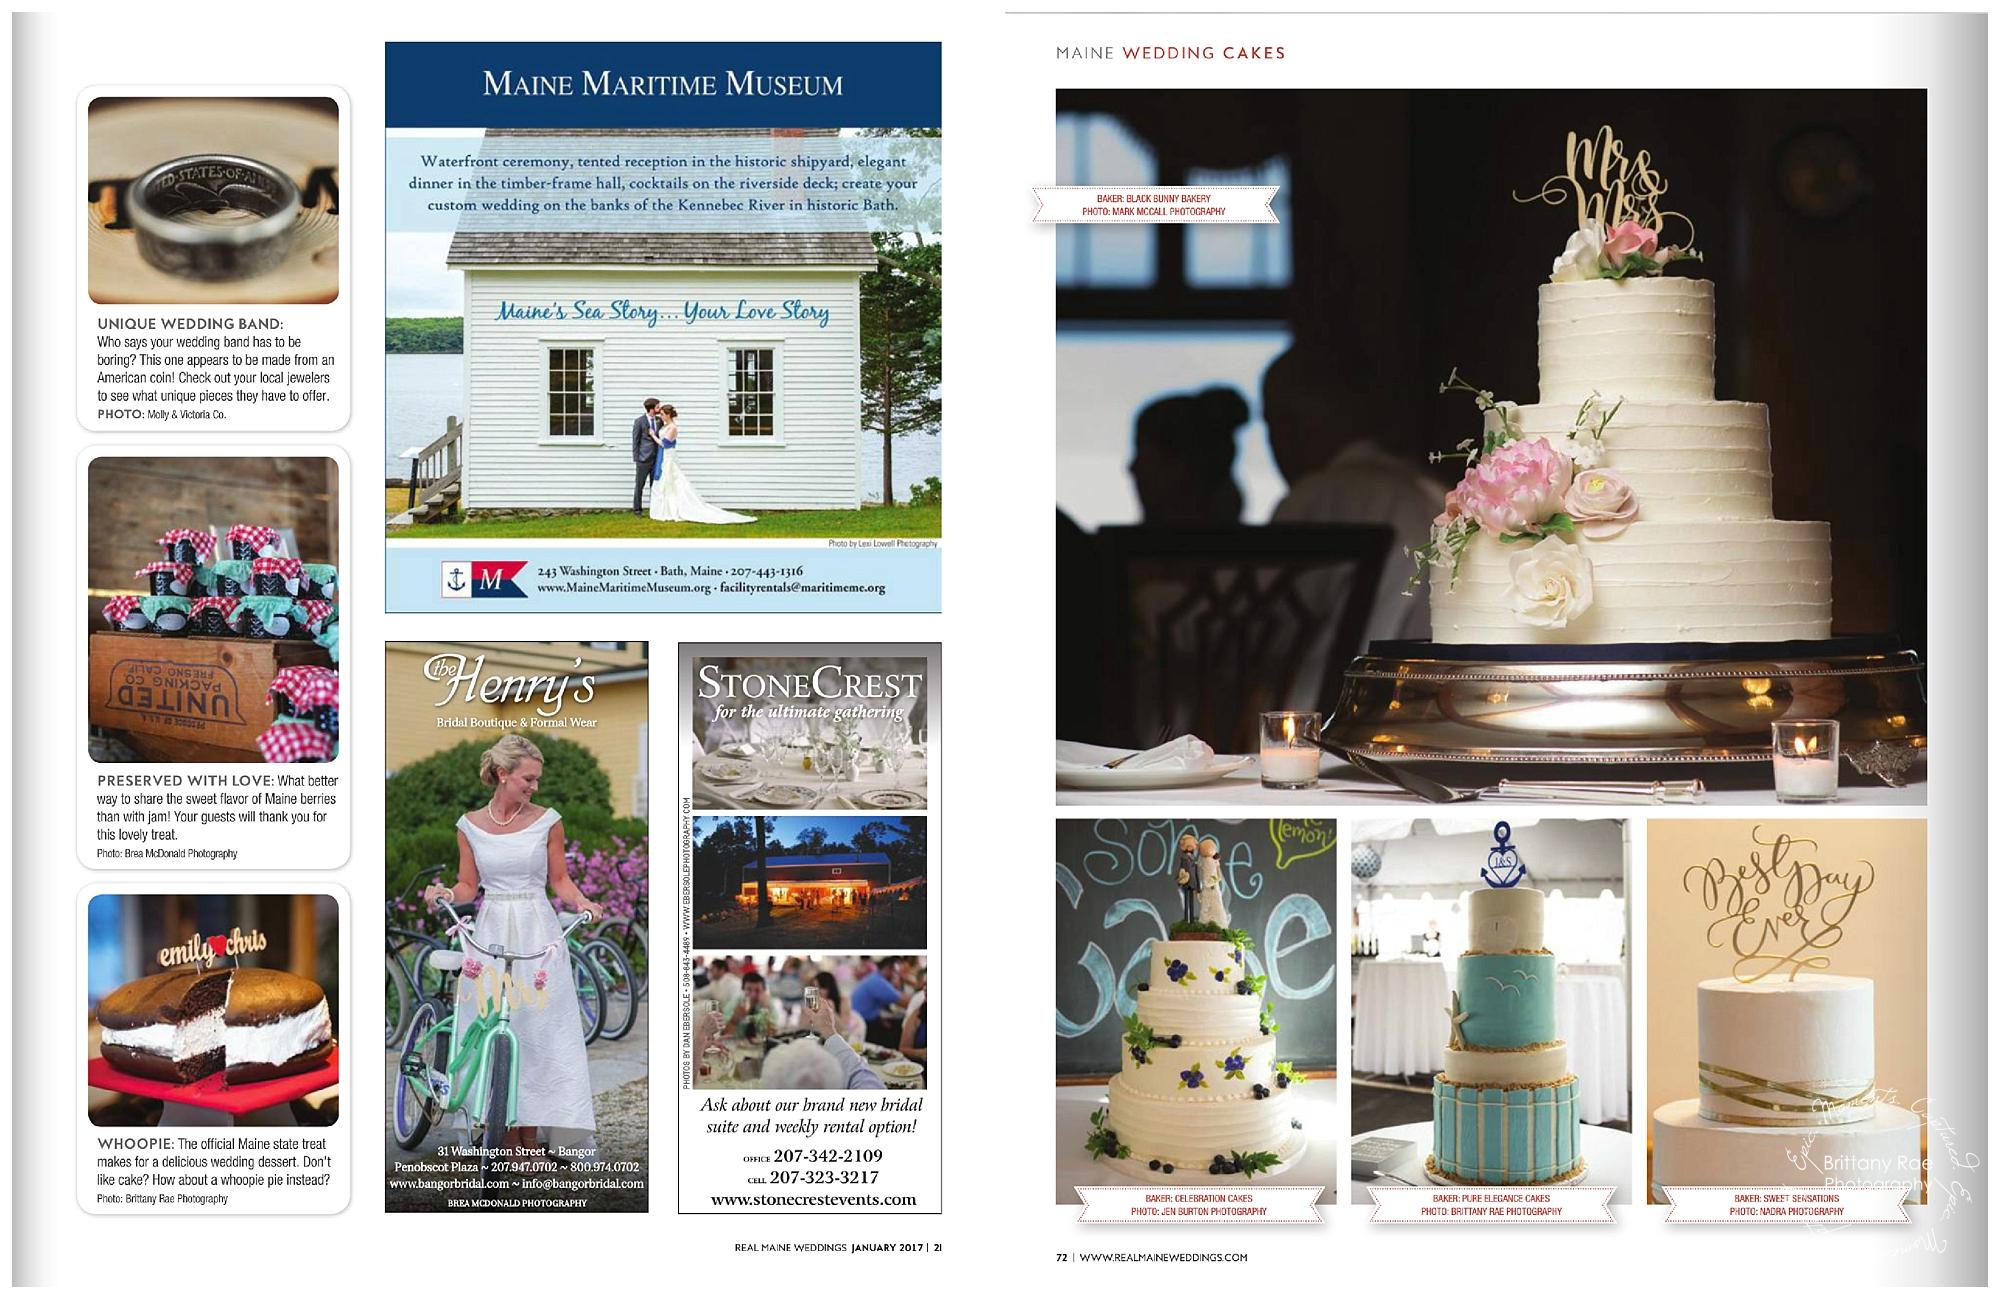 Maine Wedding Photographers Published in Real Maine Weddings Magazine - Nautical Wedding Cake Inspiration by Pure Elegance Cakes